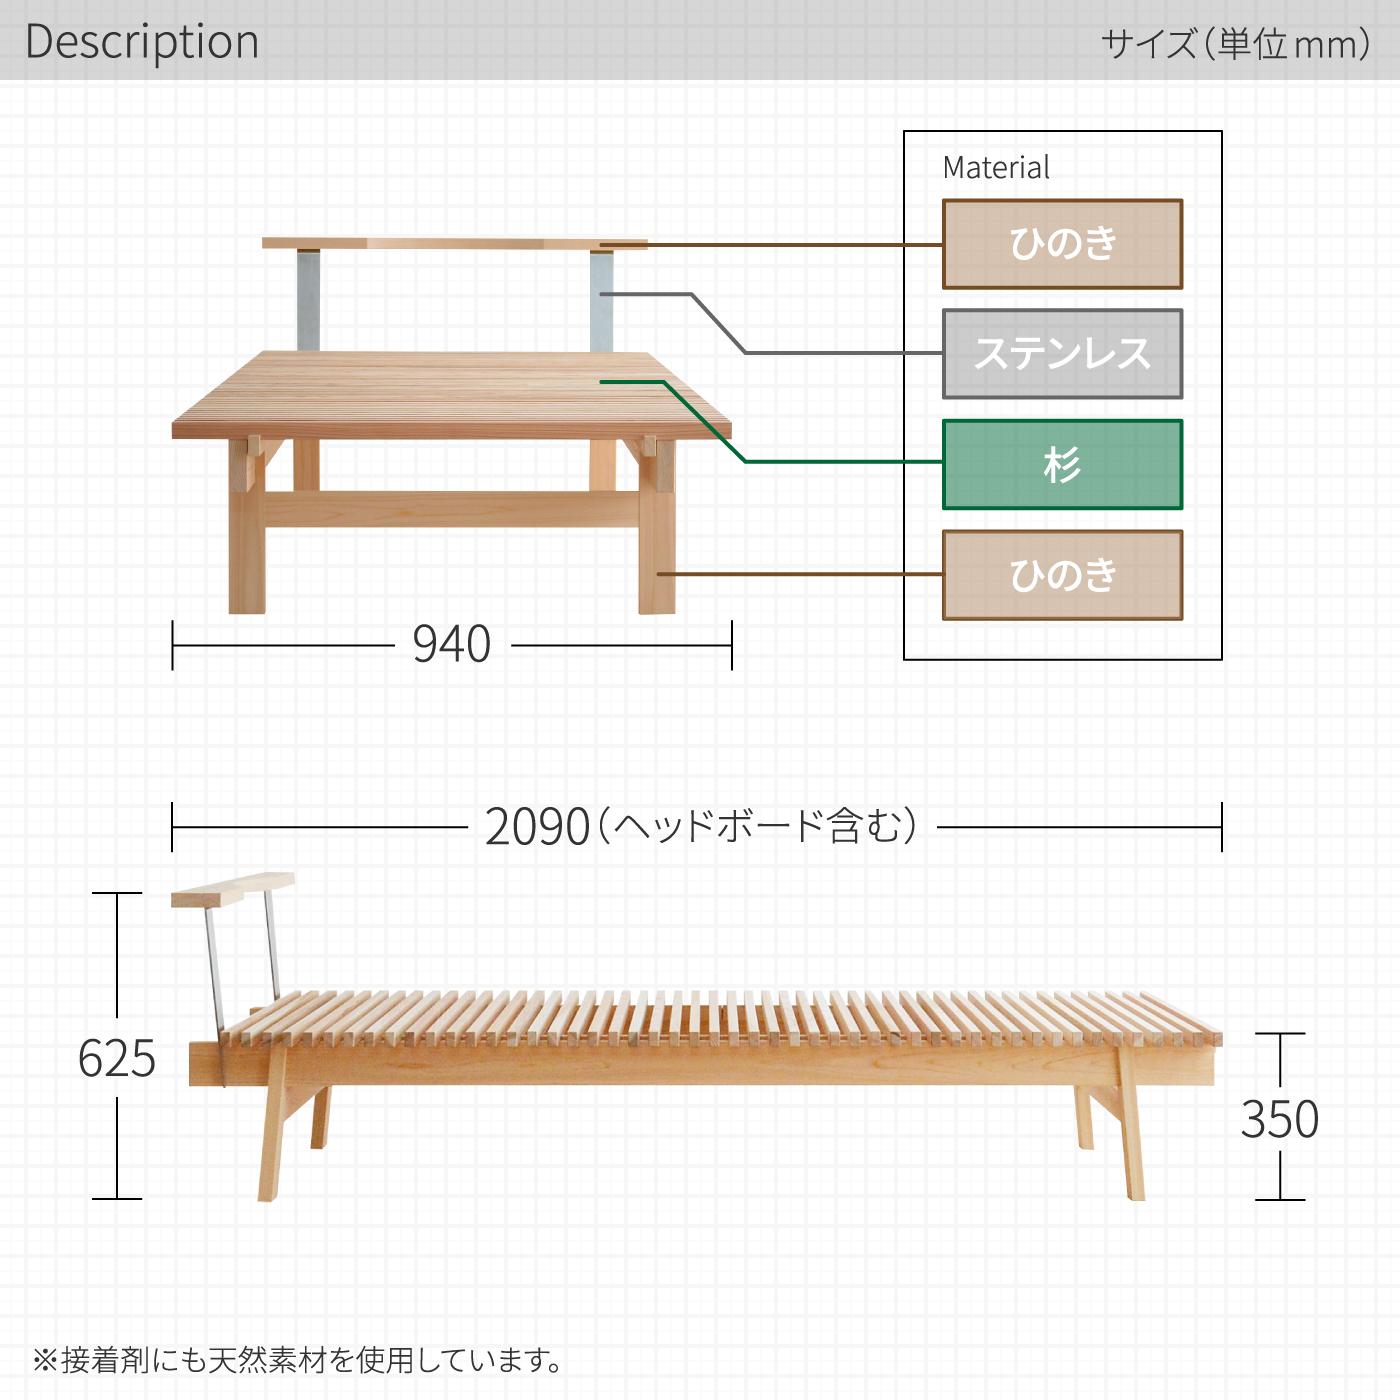 天然素材のベッド すまうと futon <br>【日本製】杉 桧 国産無垢材(シングルサイズベッド)